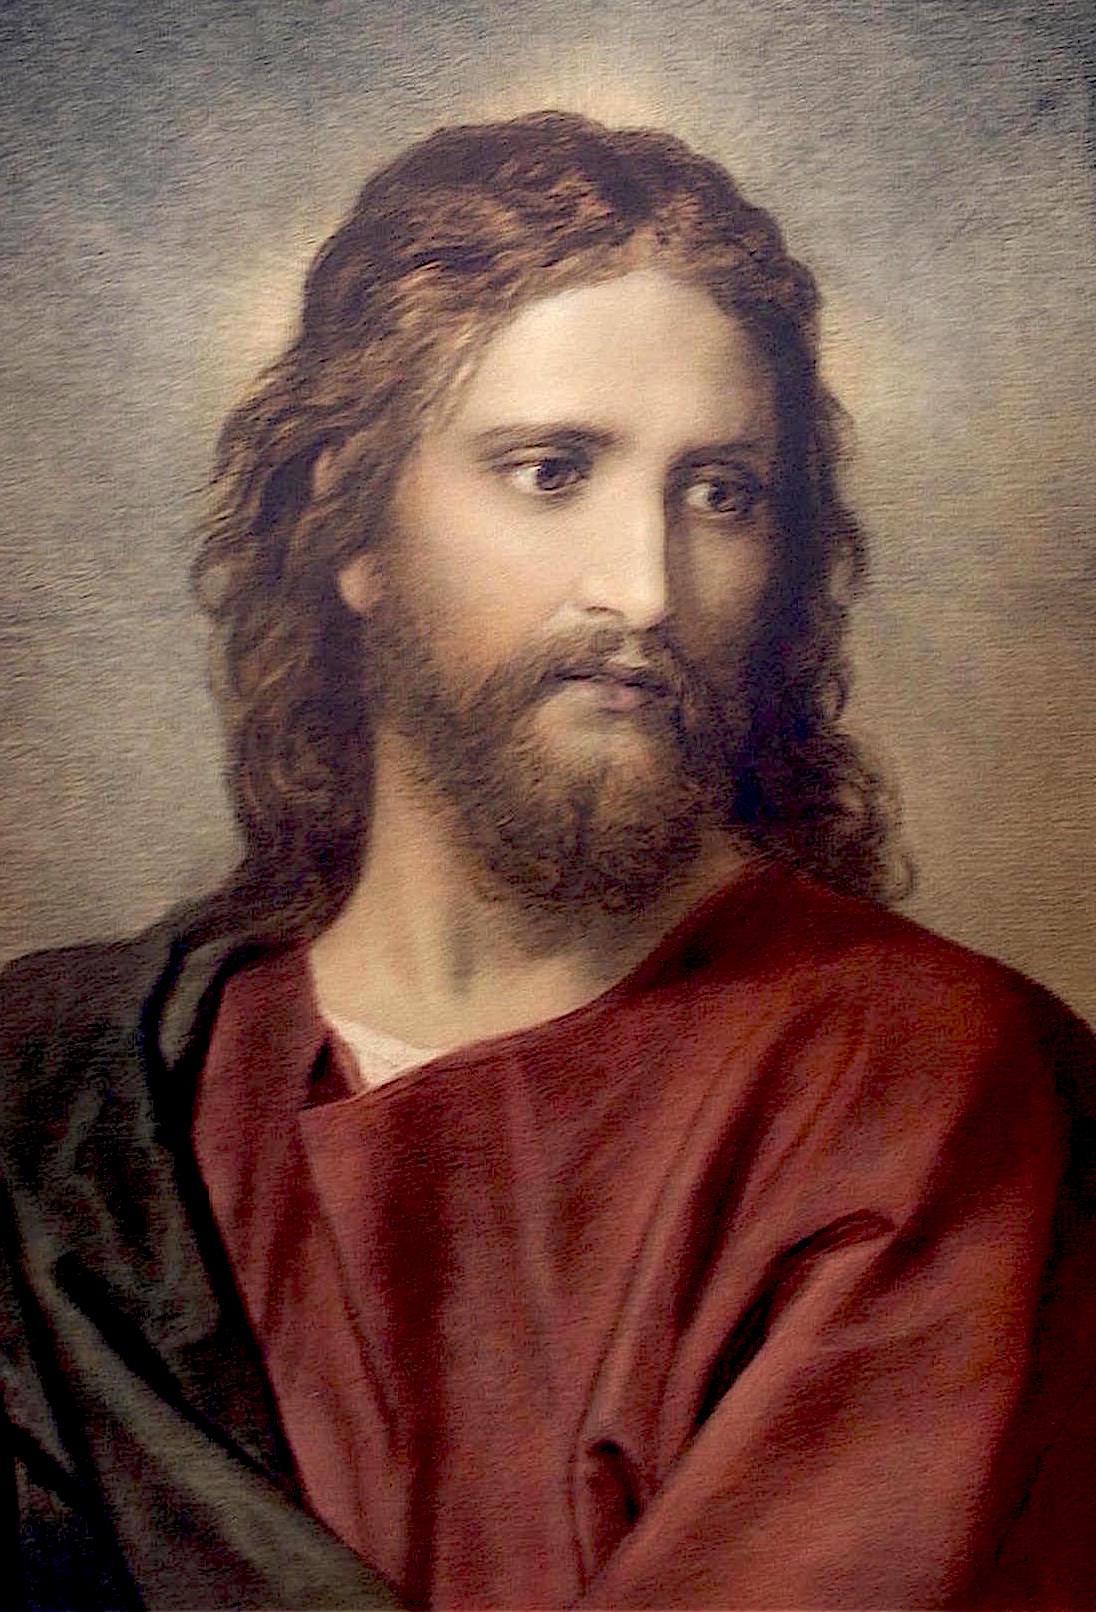 Έτσι φαντάζονται οι περισσότεροι ότι ήταν η μορφή του Ιησού Χριστού - Πίνακας του Χάινριχ Χόφμαν.